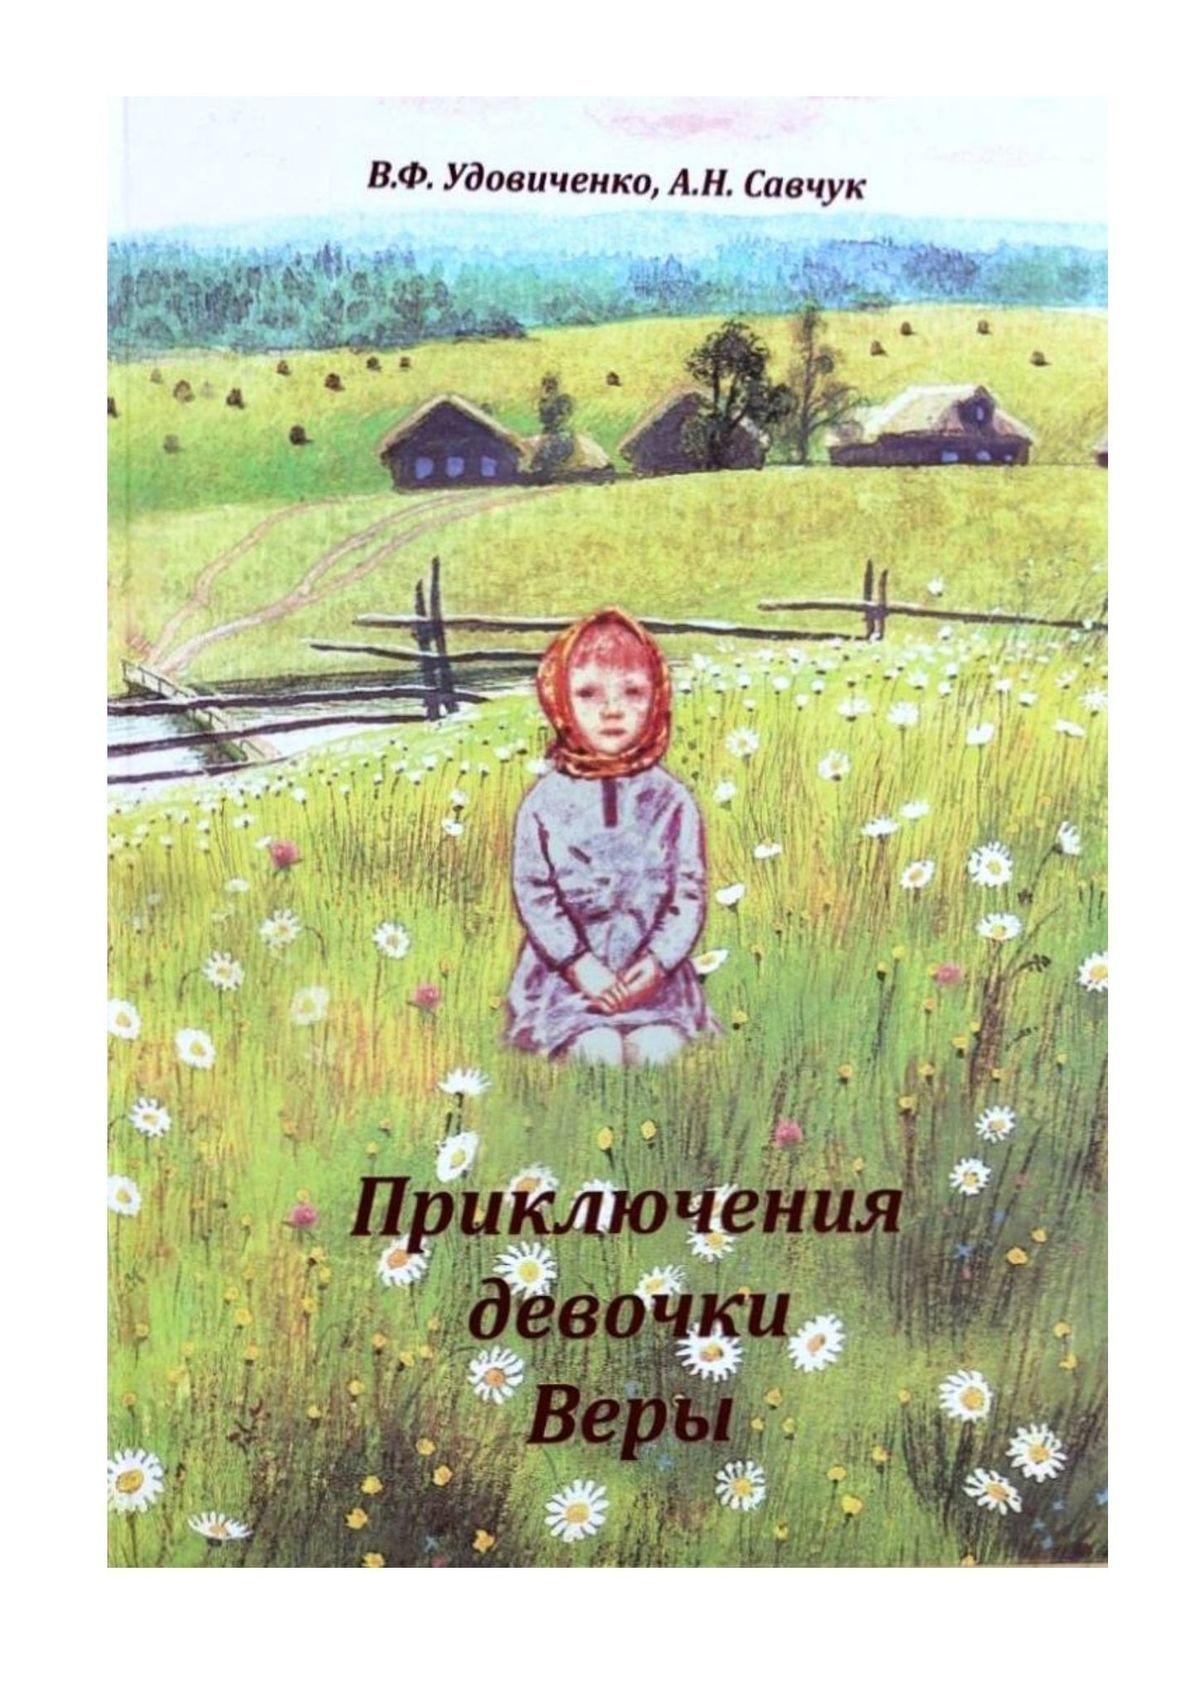 Приключения девочкиВеры